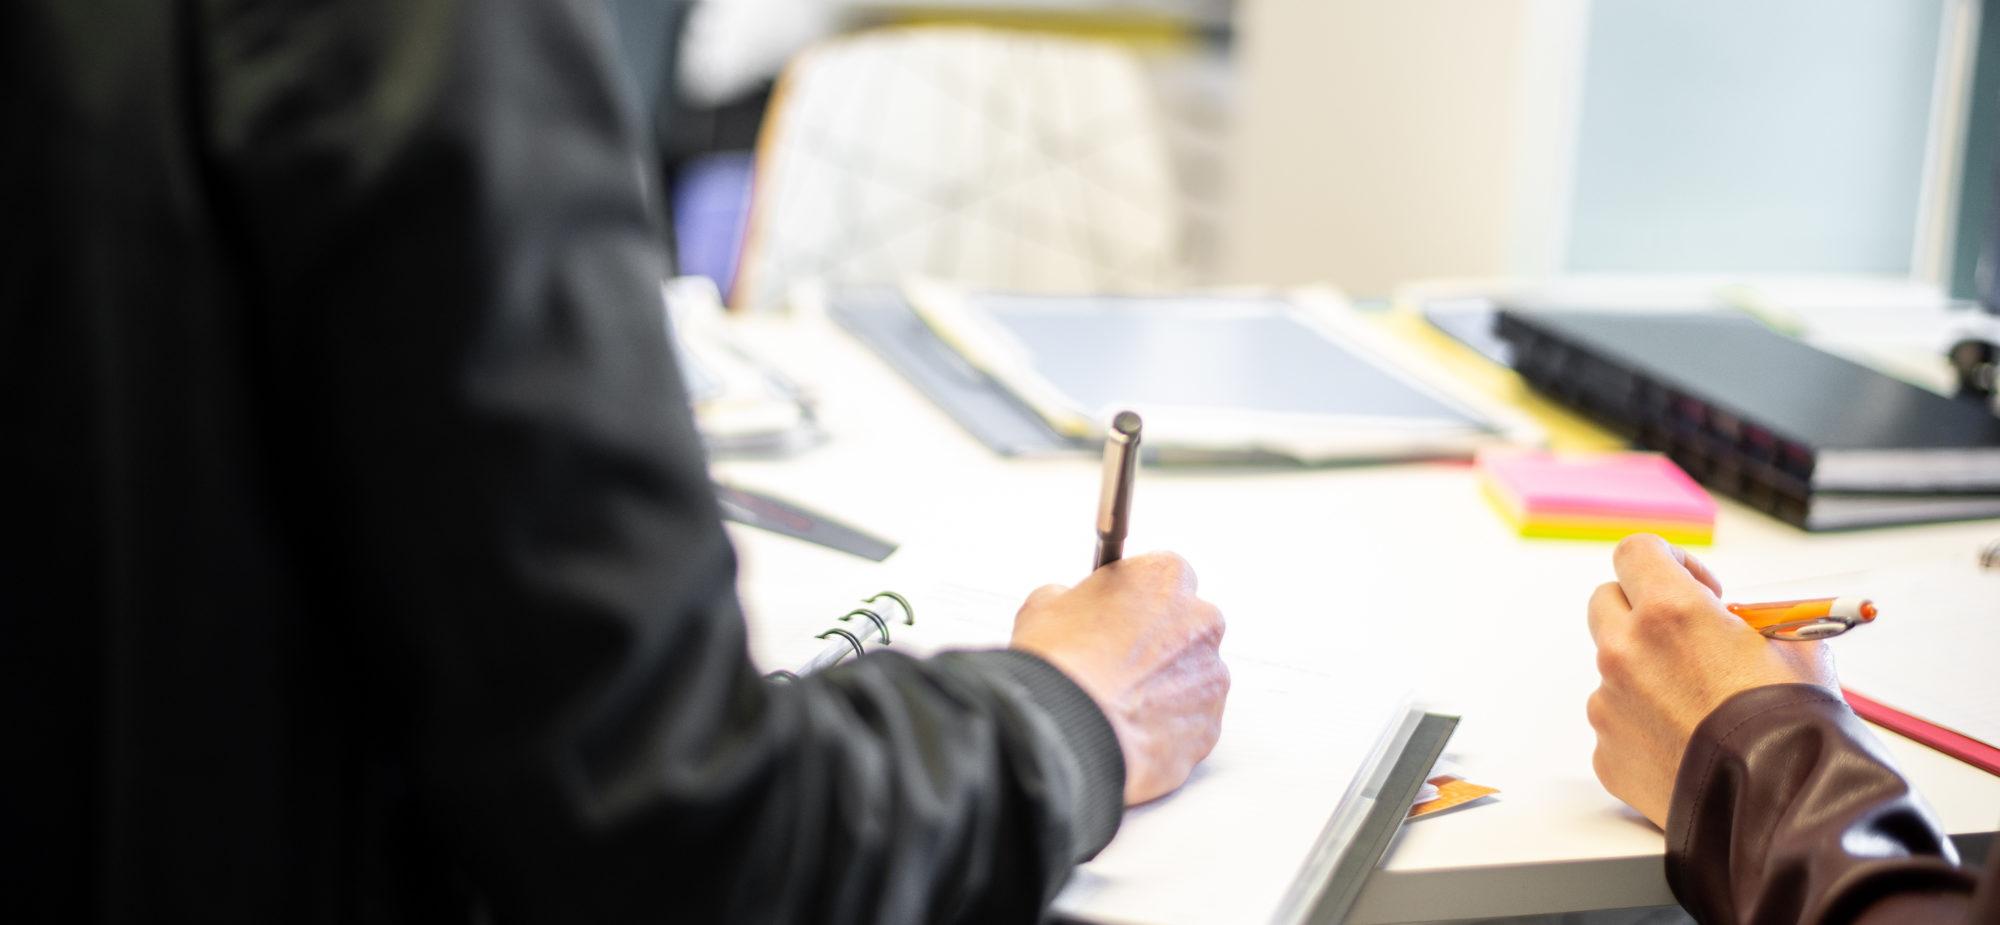 Planification stratégique : de quoi aura l'air votre entreprise dans 5 ans?